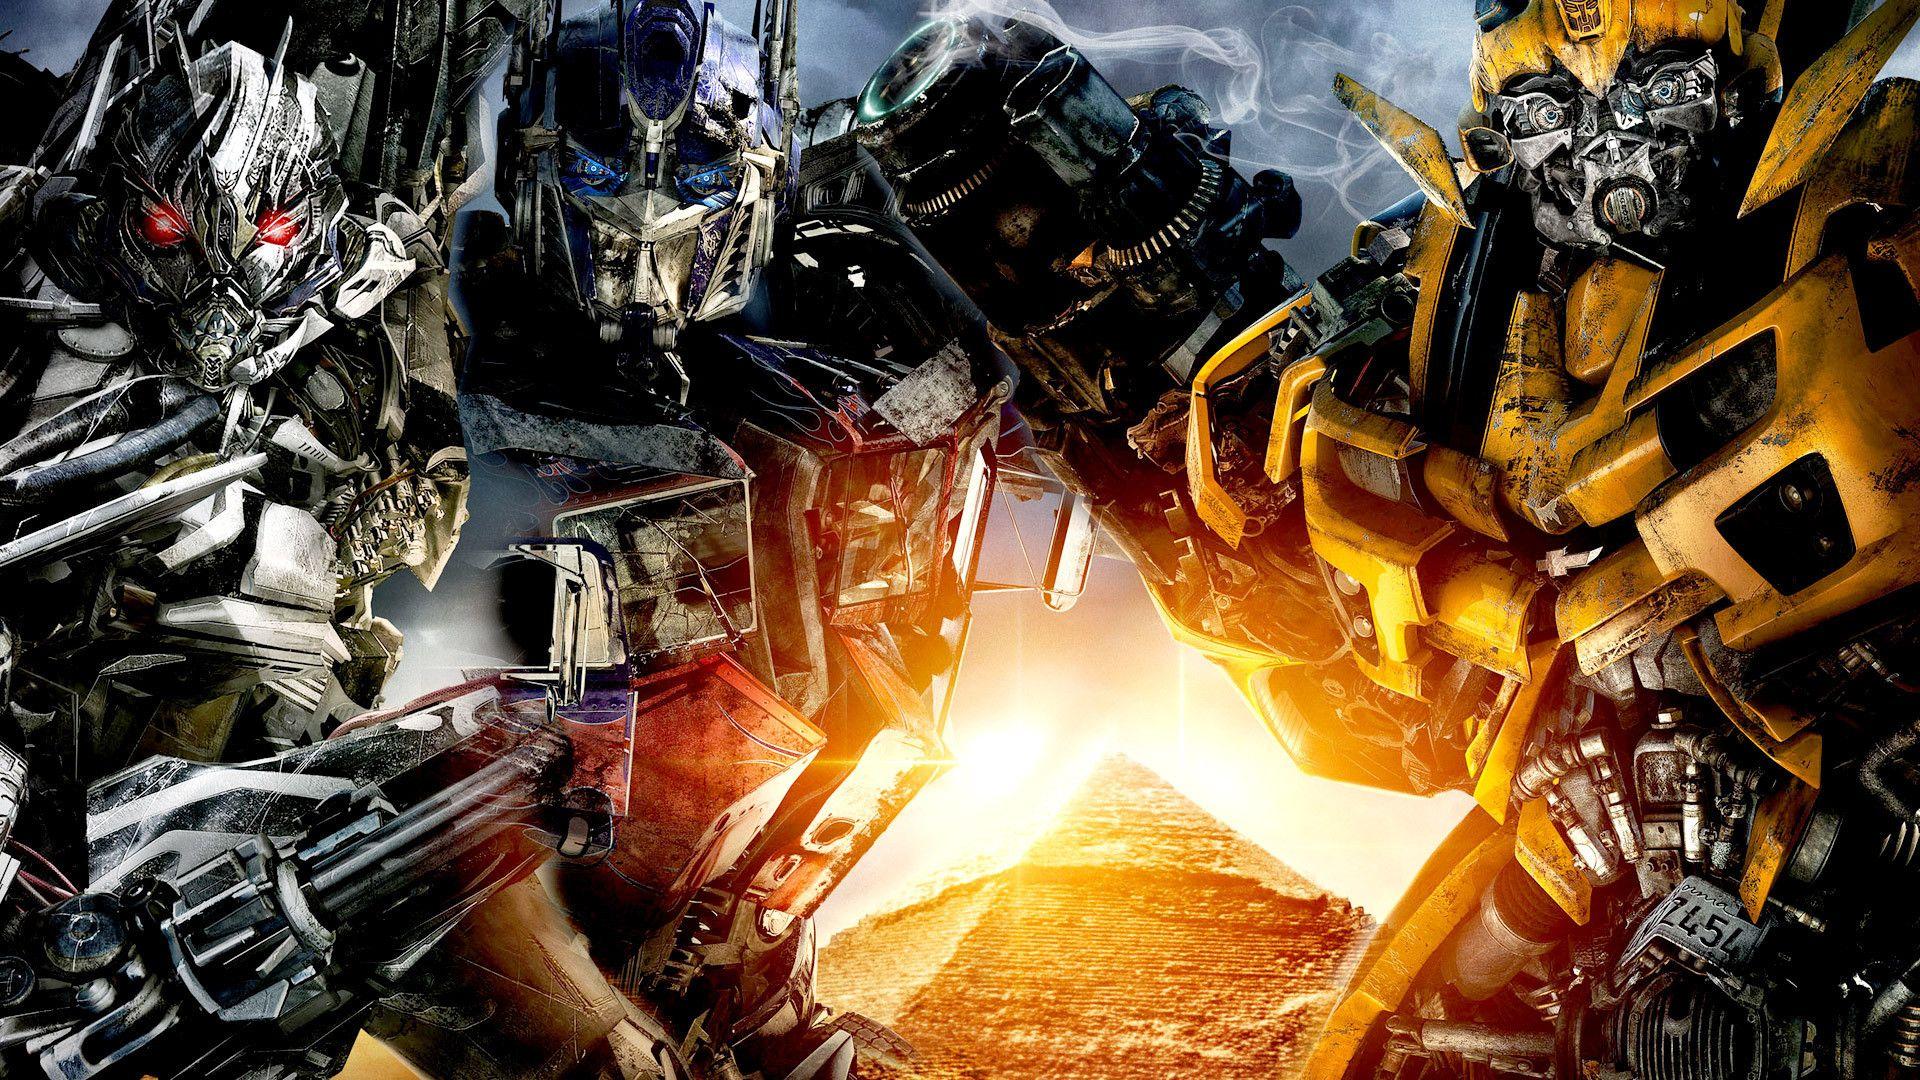 Transformers ? 4K HD Desktop Wallpaper for 4K Ultra HD TV